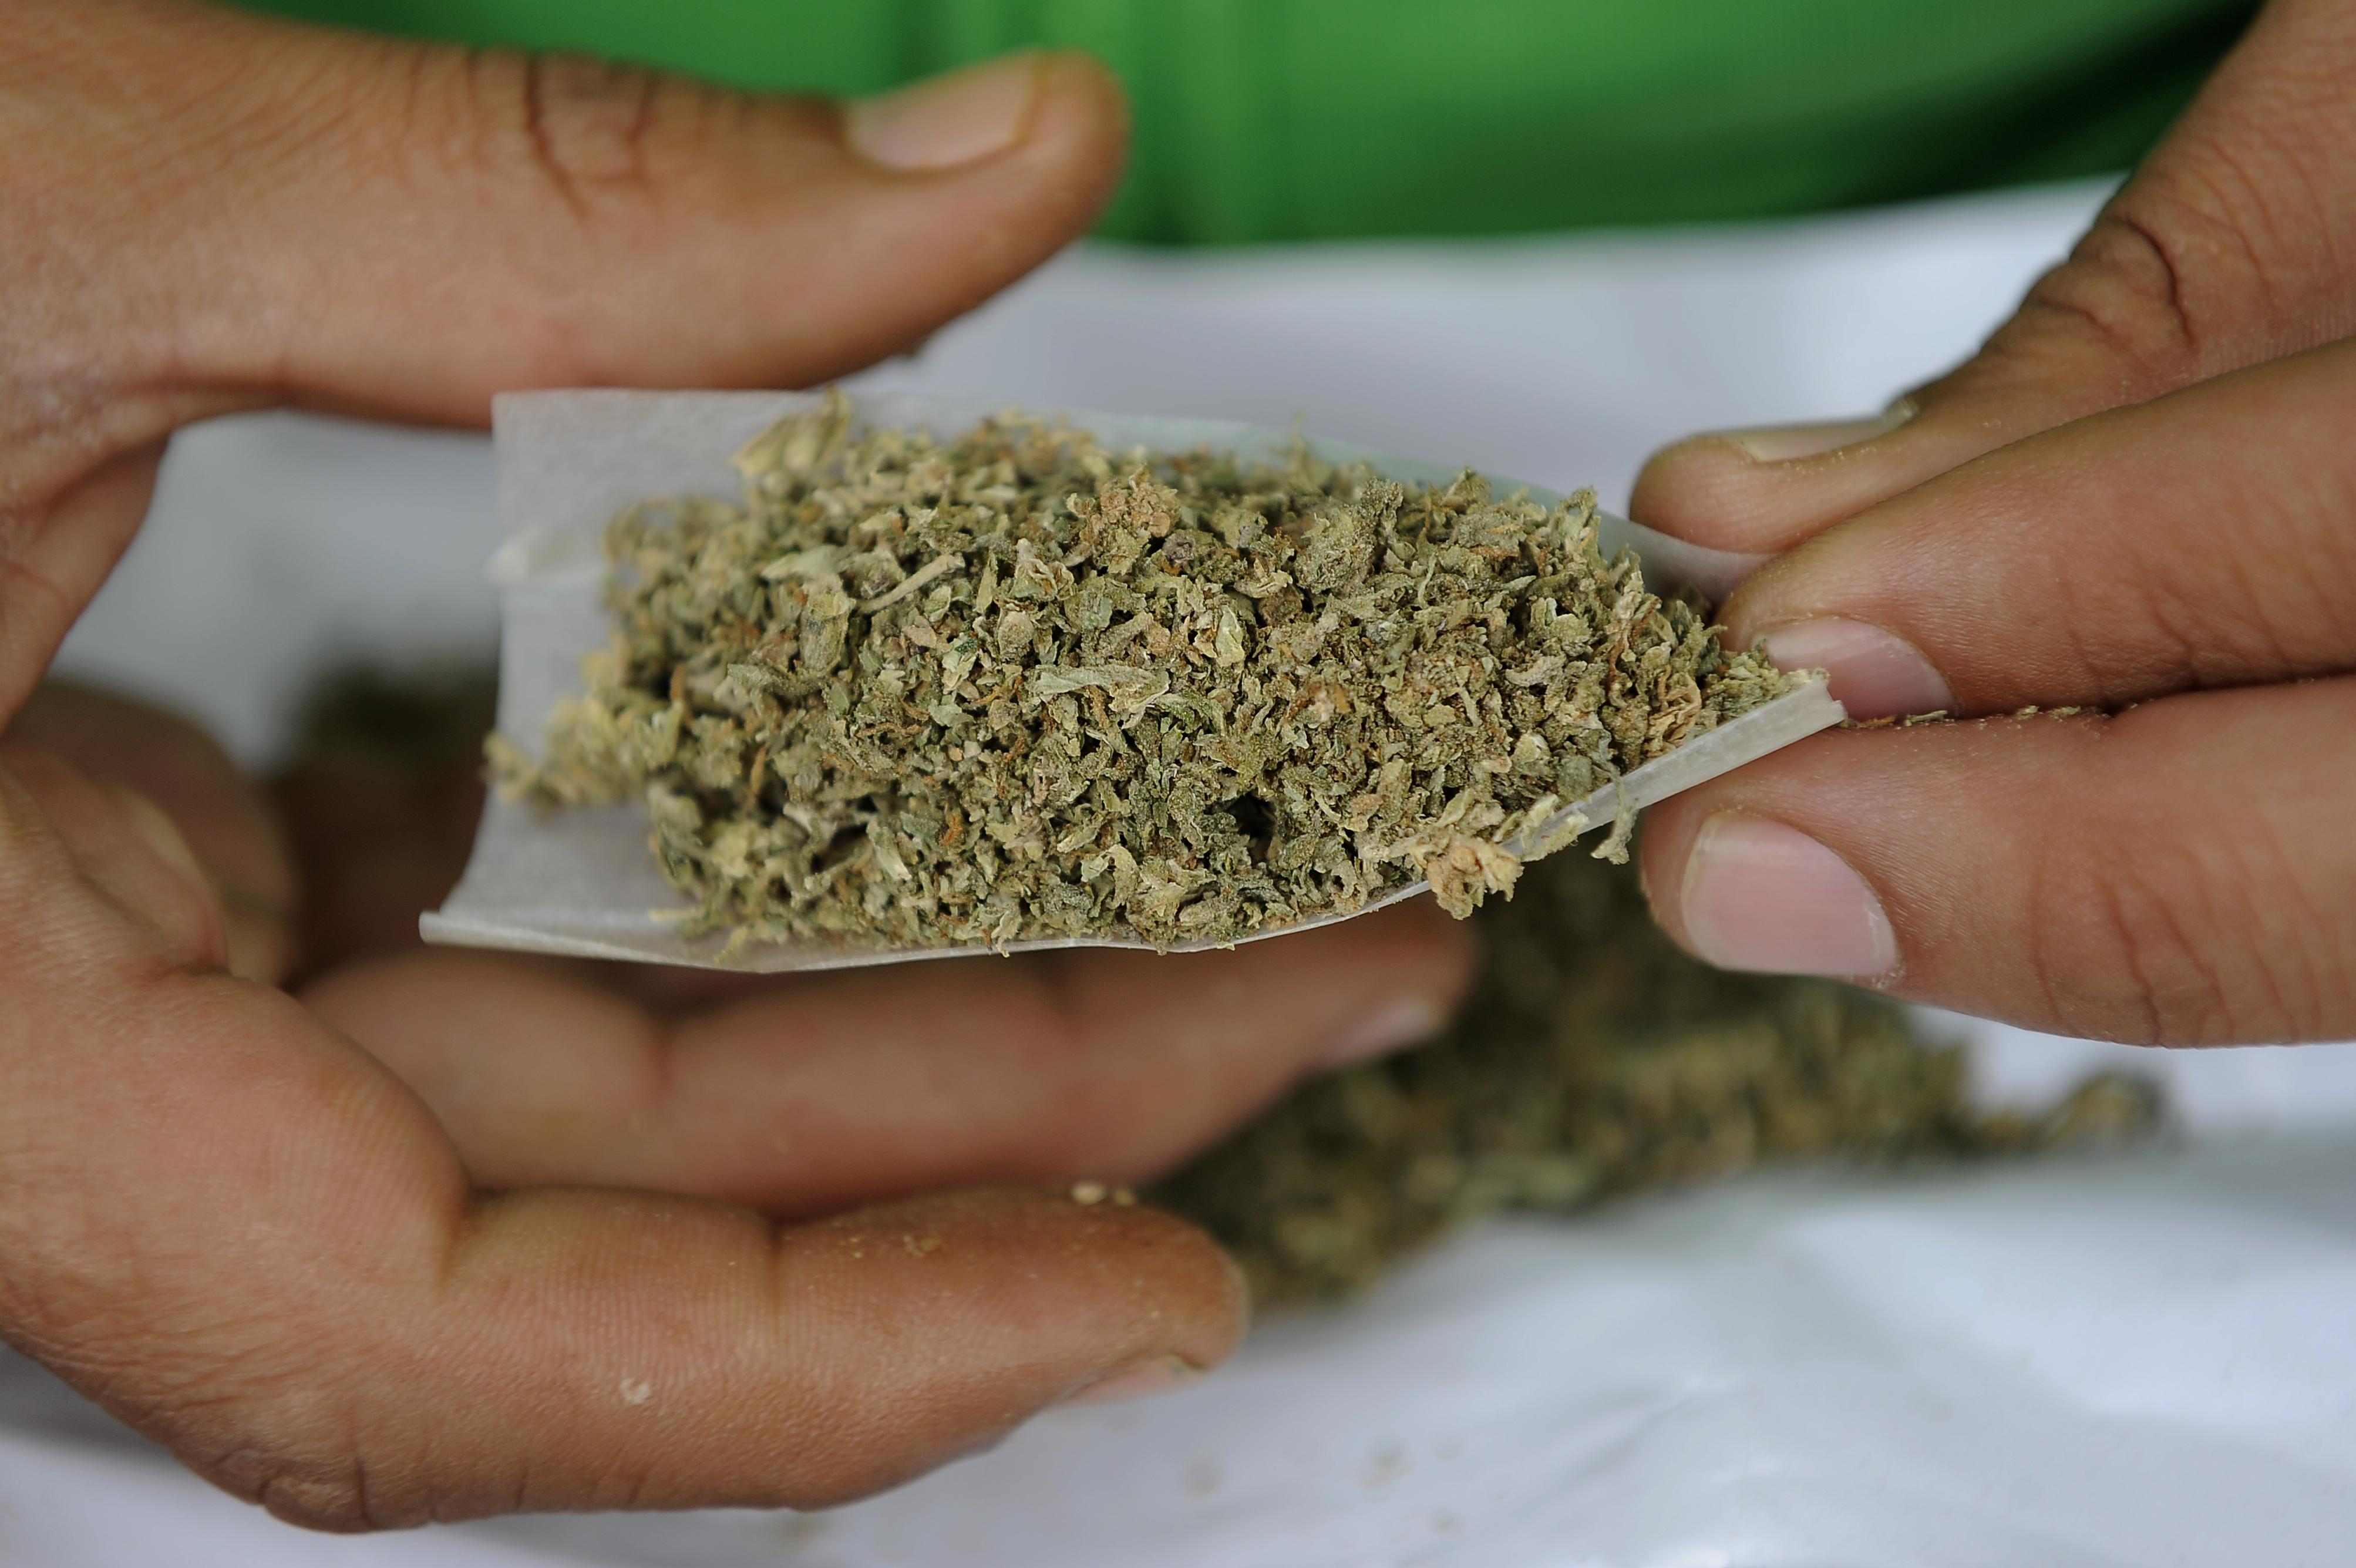 Üzenet a világ vezetőinek: dekriminalizálják végre a drogfogyasztást